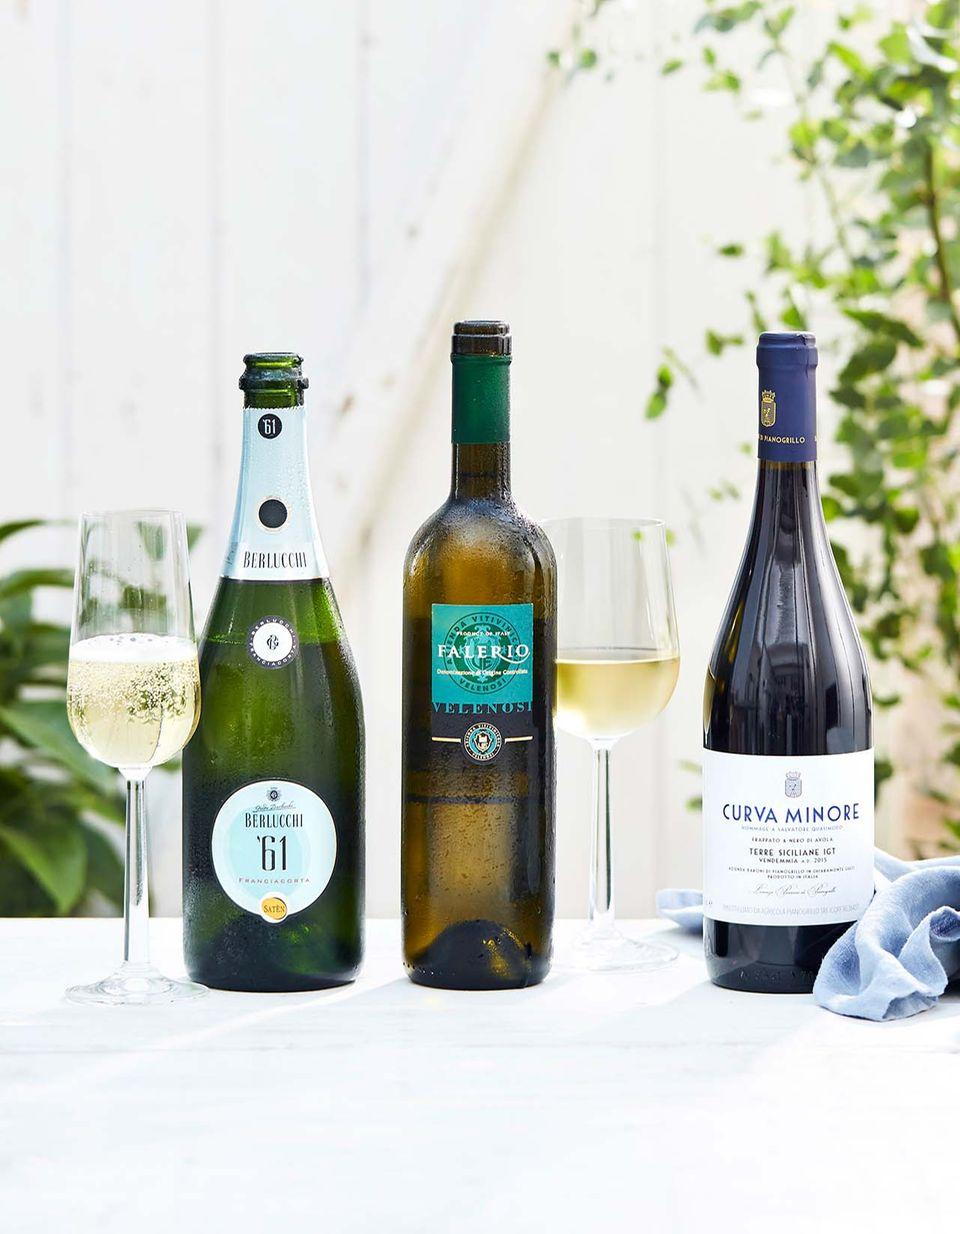 Das Weinpaket zur Sommerparty besteht aus Schaum-, Weiß- und Rotwein